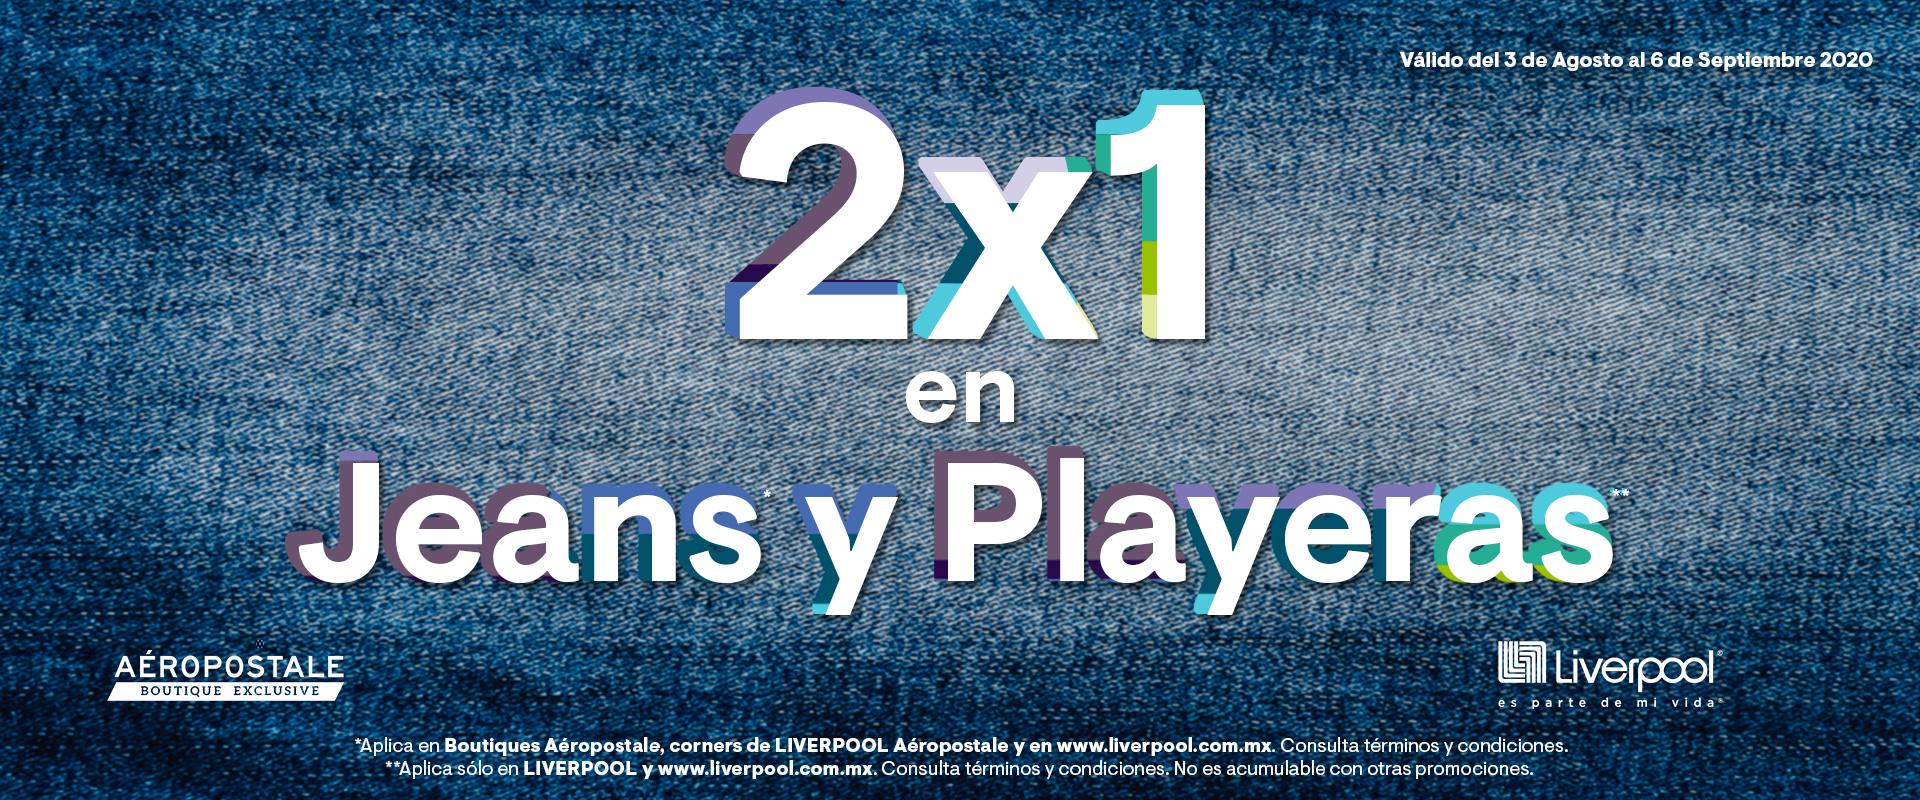 Aeropostale: 2x1 en Jeans y Playeras